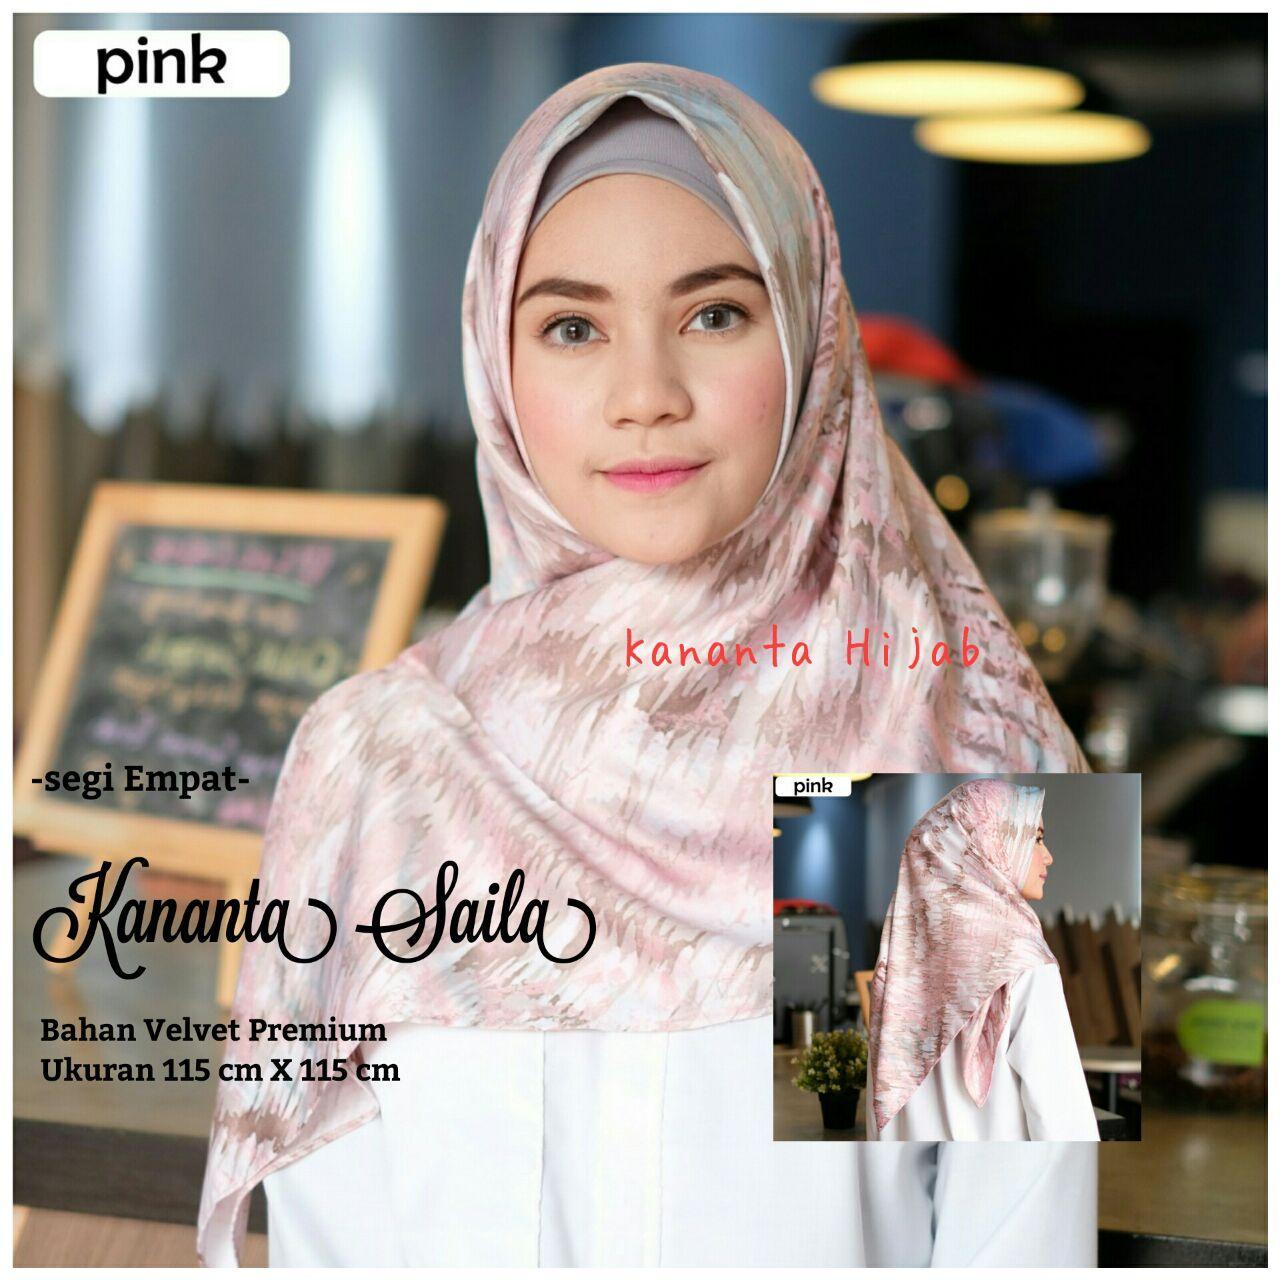 Kananta Hijab Segi Empat Motif Pink / Jilbab Segi Empat Motif / Kerudung Segi Empat Motif / Bahan Kain Velvet Premium PINK Collection